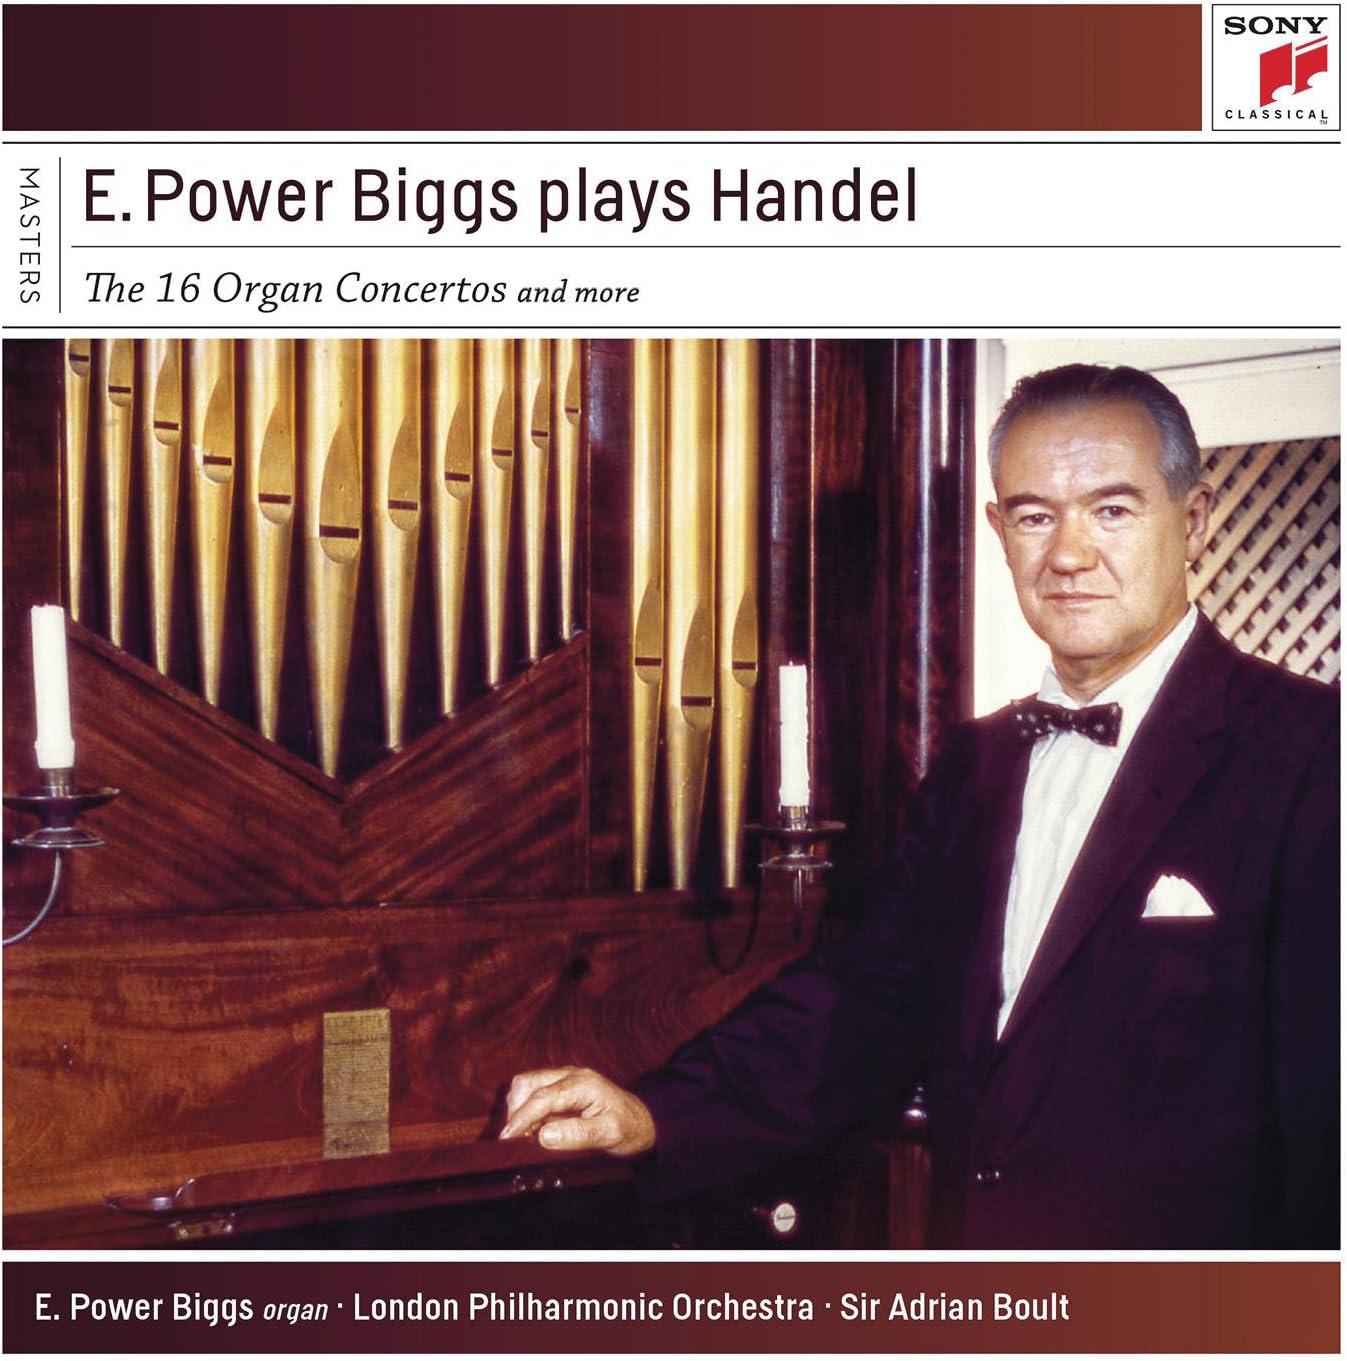 E. Power Biggs